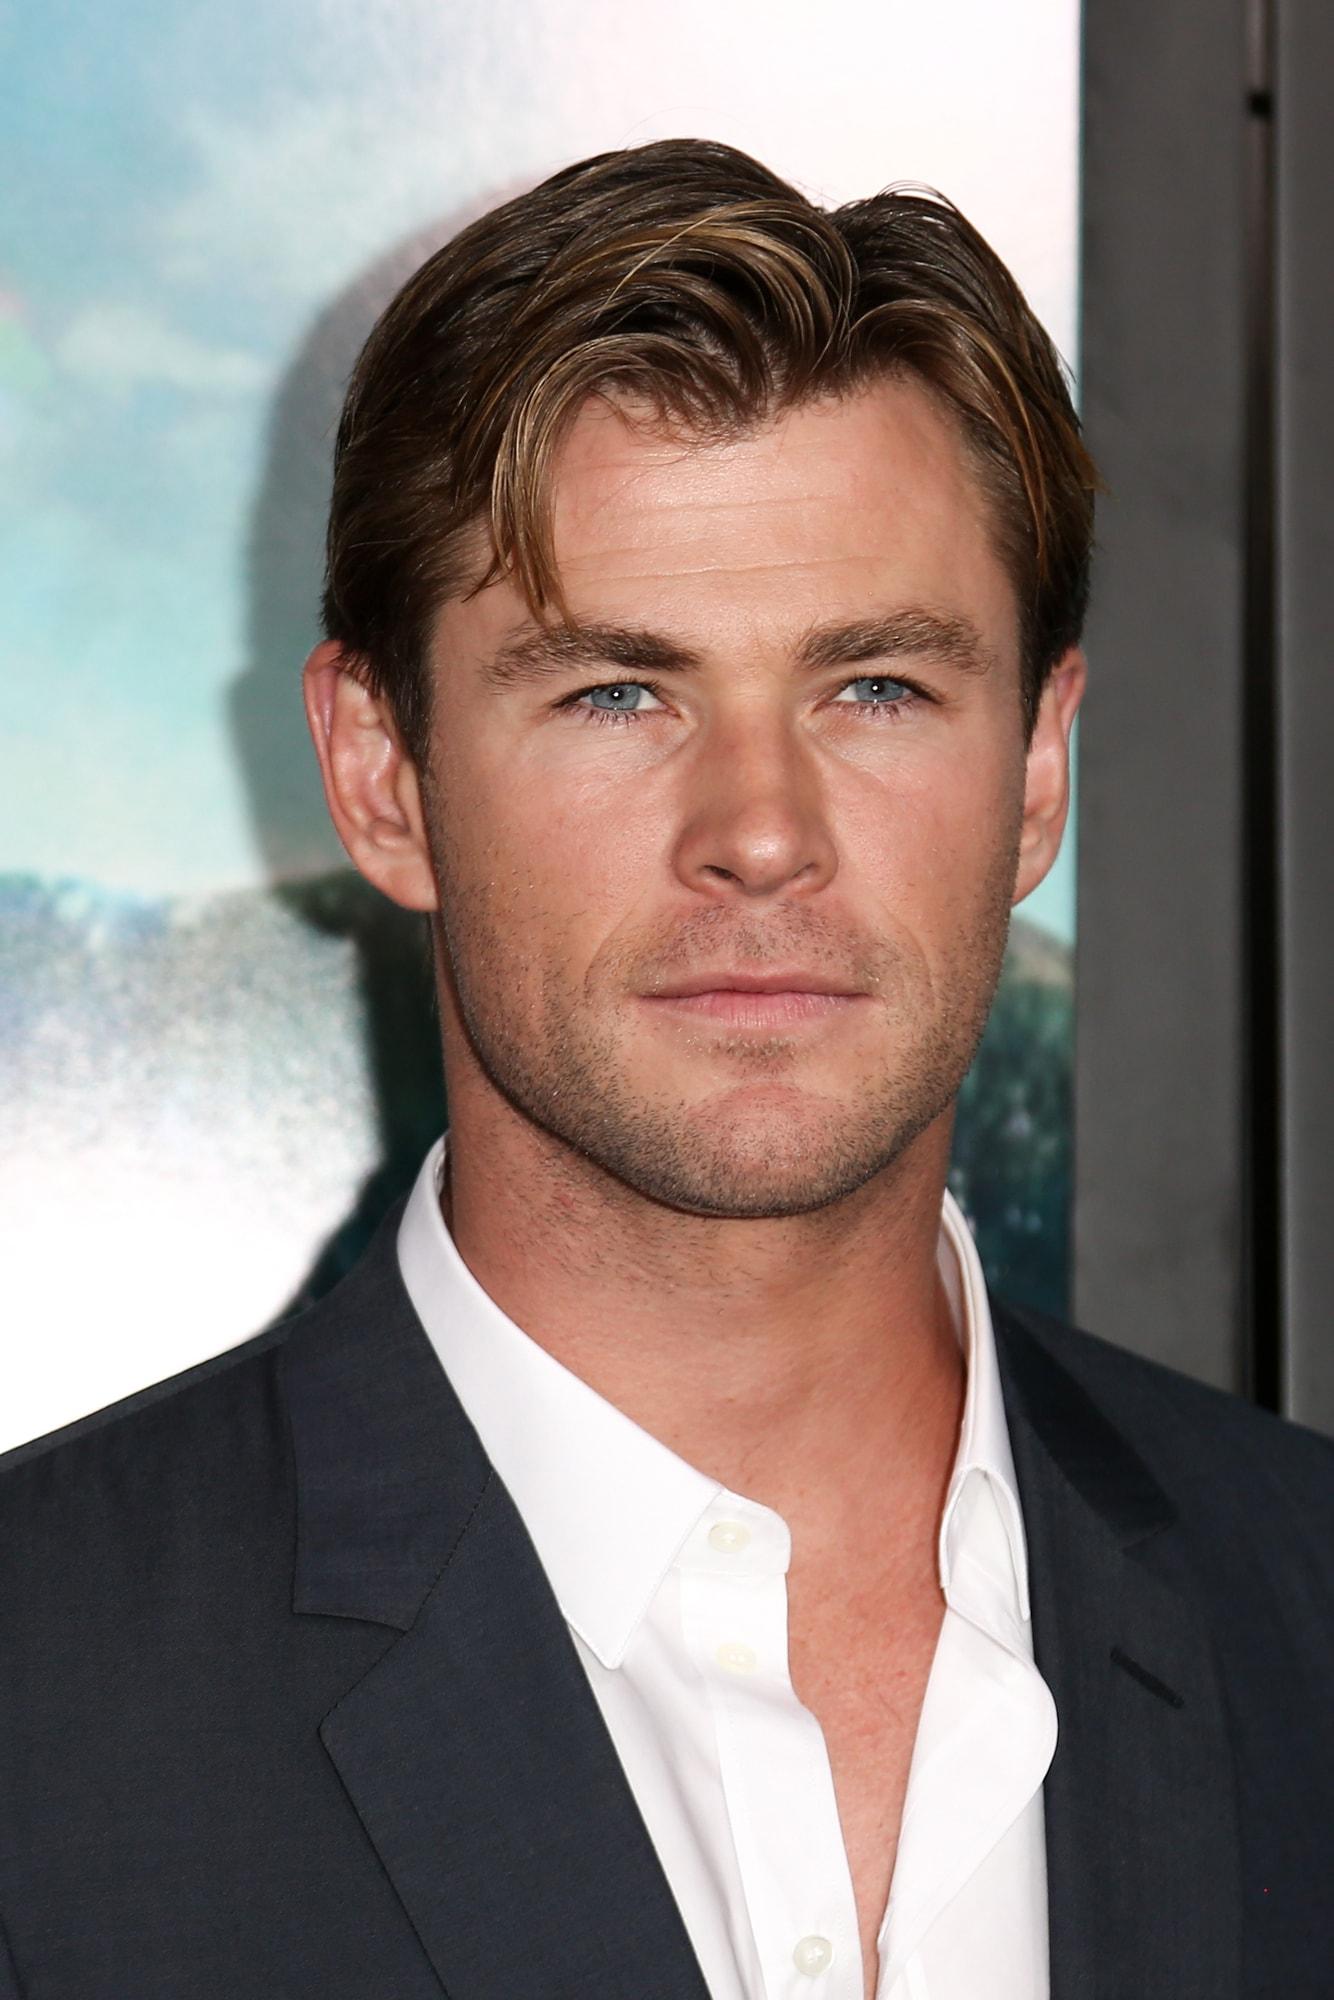 ทรงผมแสกกลางชาย แบบ คริส เฮมส์เวิร์ธ (Chris Hemsworth)